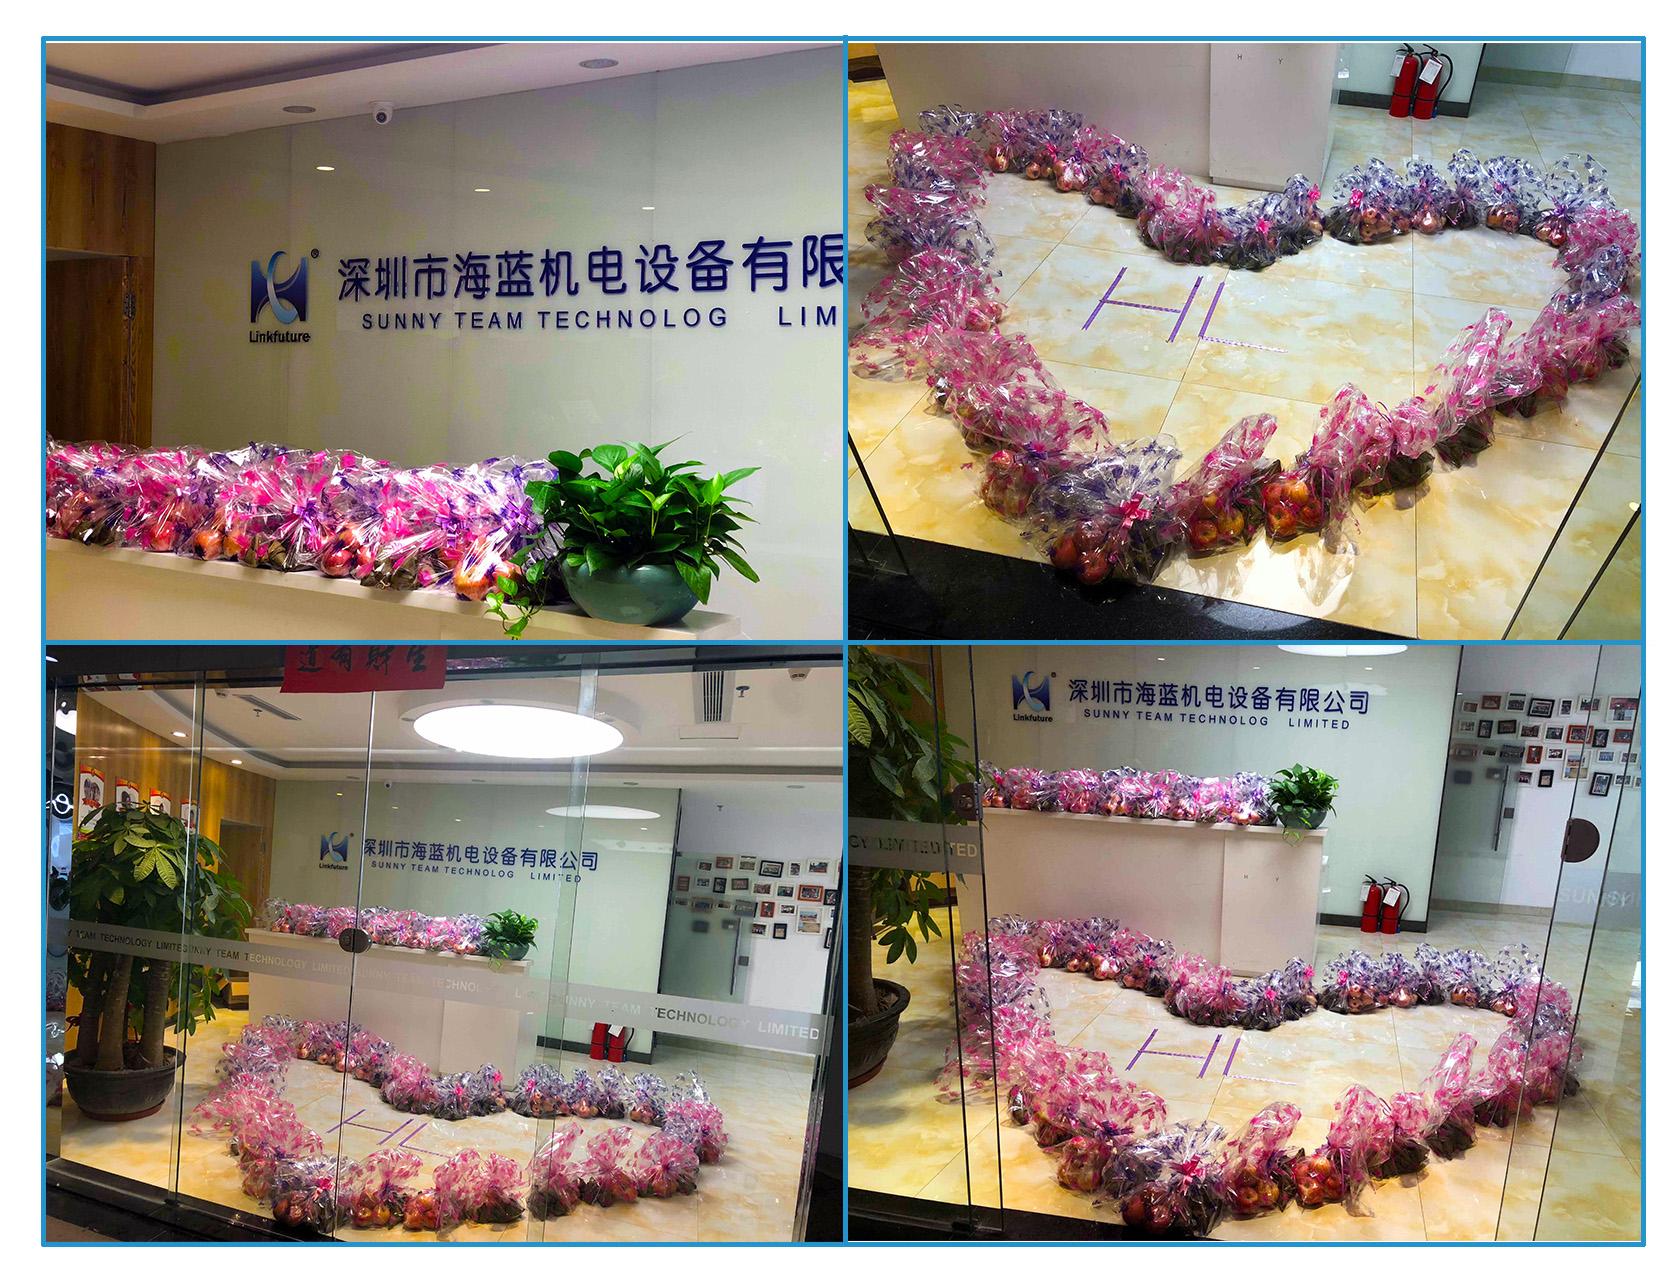 万水千山粽是情————海蓝机电祝大家端午节快乐